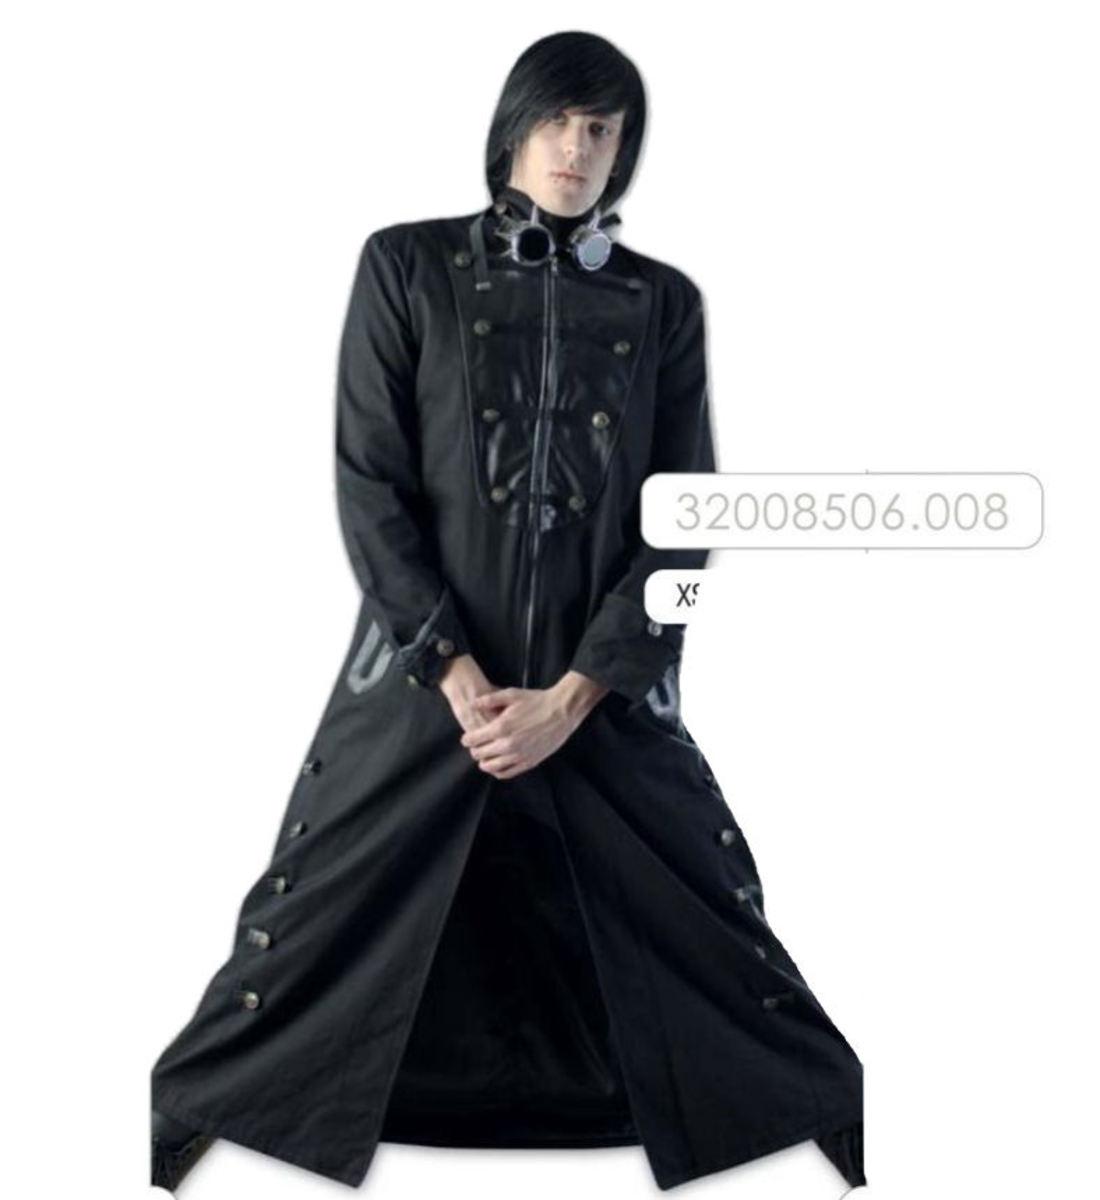 kabát pánsky ZOELIBAT - 32008506.008